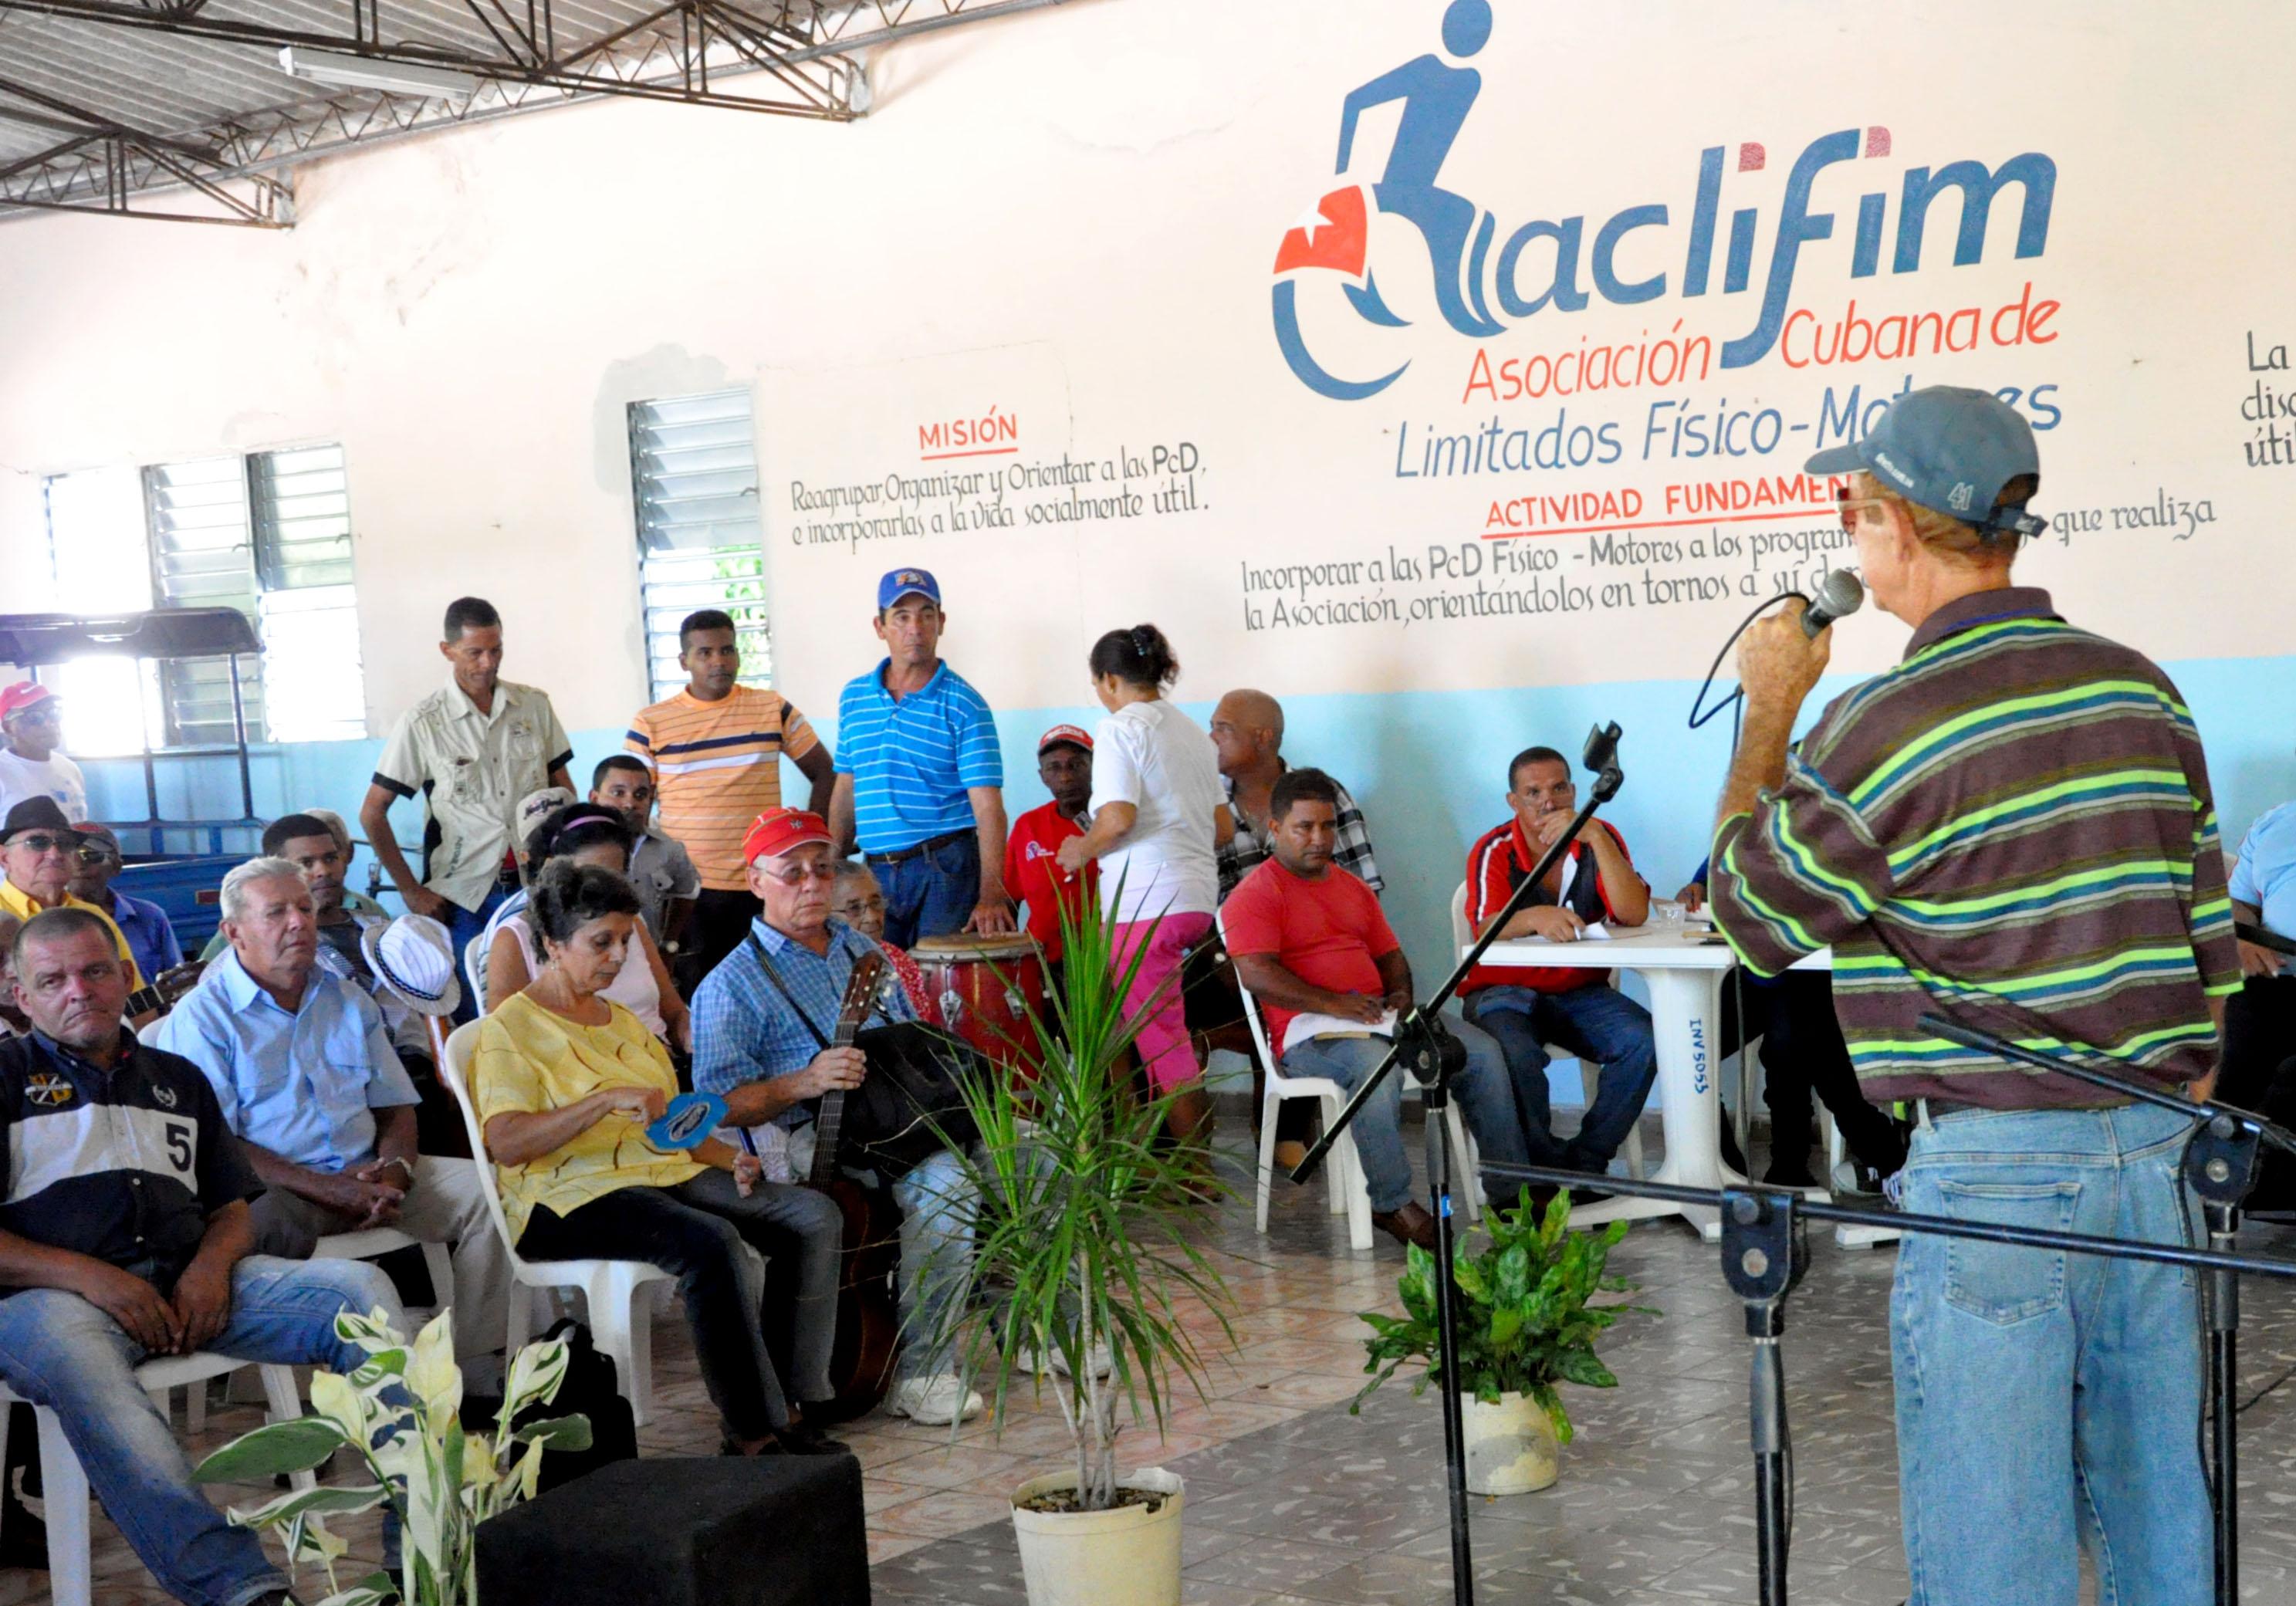 Desarrolla Cuba acciones por el Día Mundial de las Personas con Discapacidad